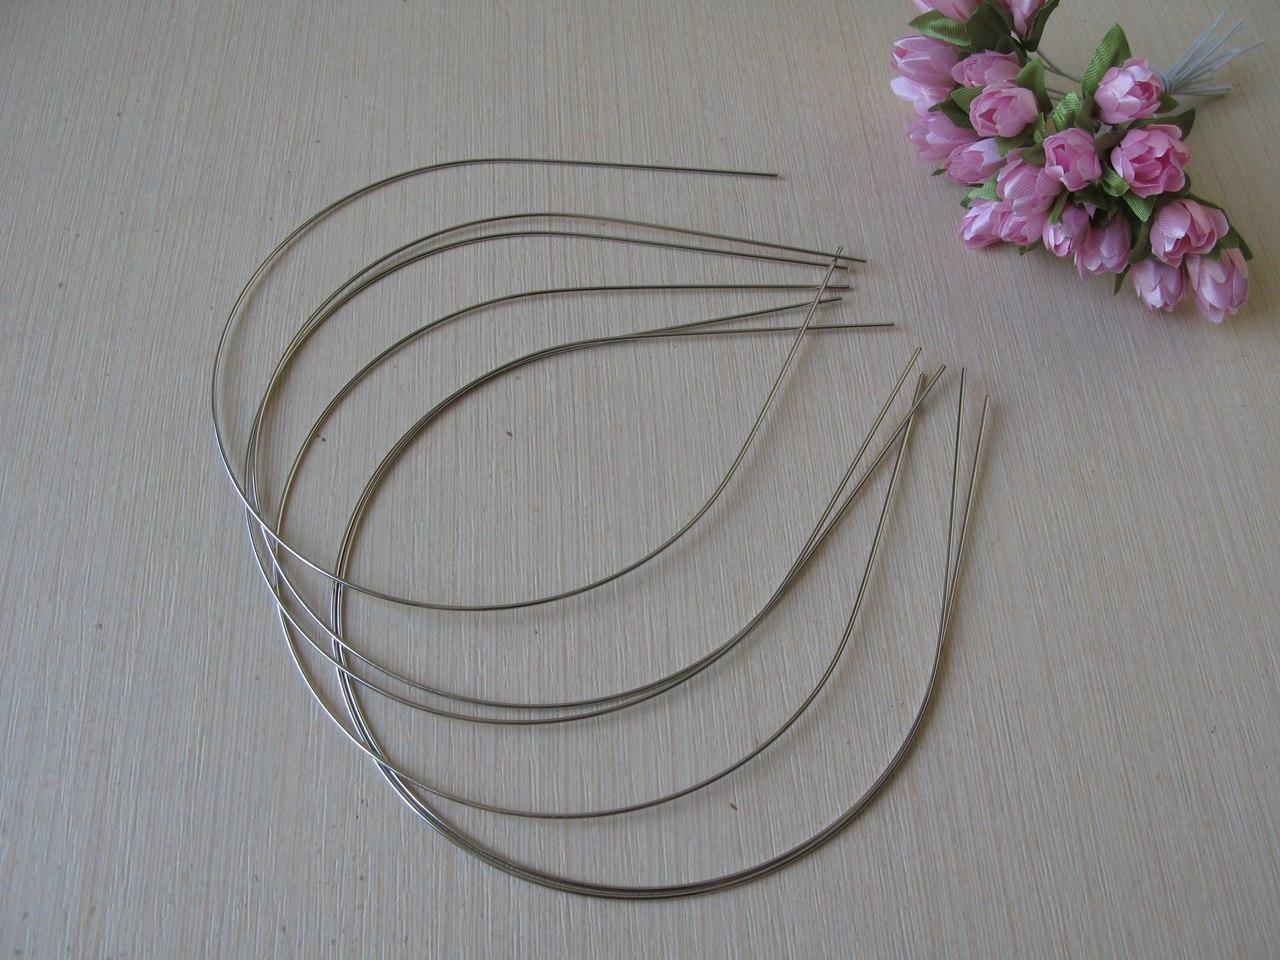 Обруч металлический, заготовка. 0.15 см